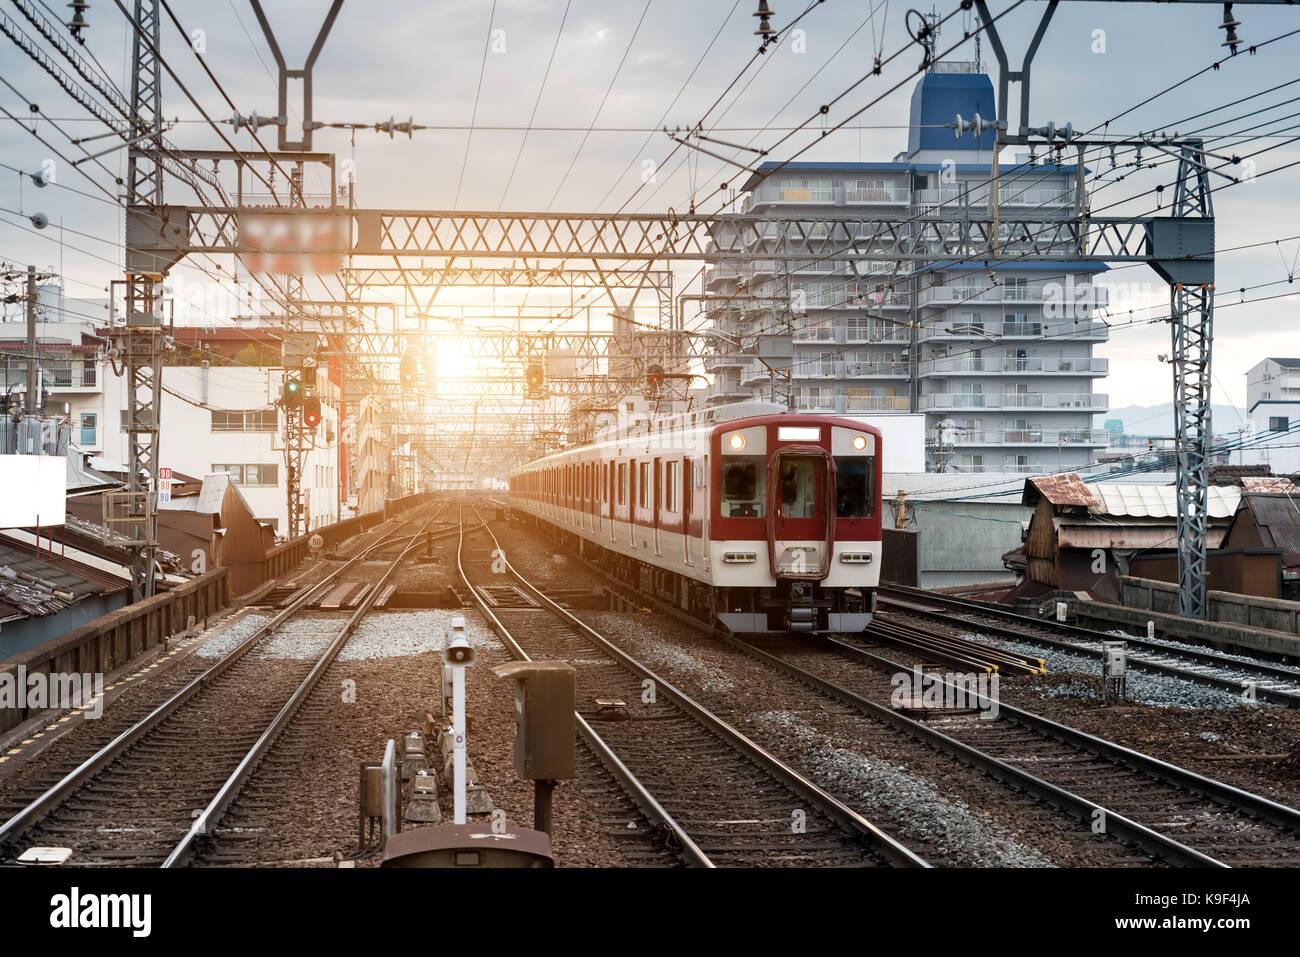 In Giappone il treno sulla linea ferroviaria con skyline a Osaka in Giappone per il trasporto sullo sfondo Immagini Stock